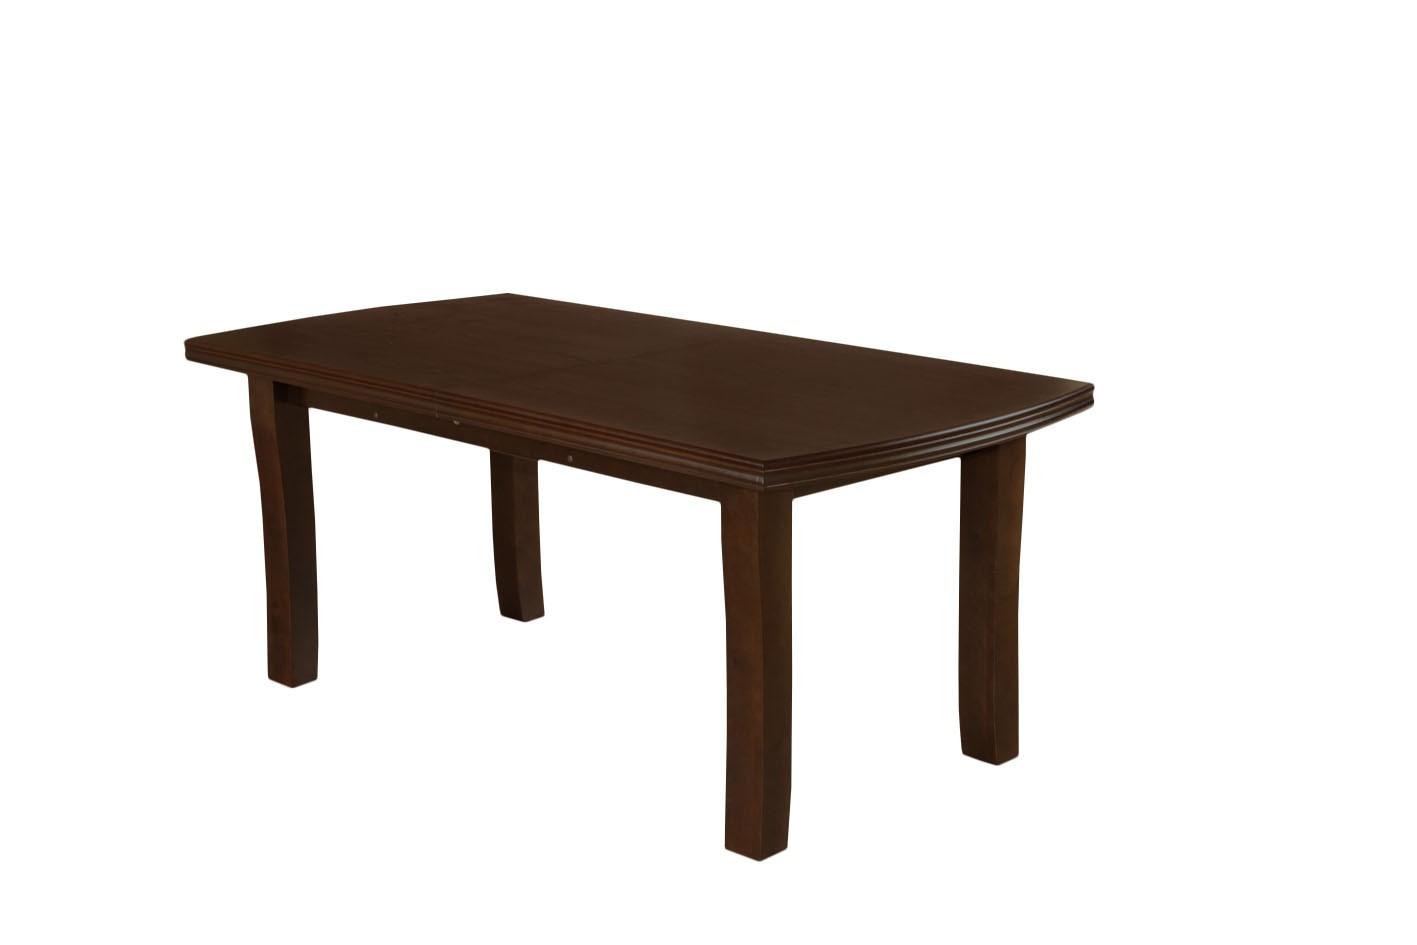 Stół do salonu SM13 naturalna okleina drewniana dąb lub buk rozkładany do 230 cm